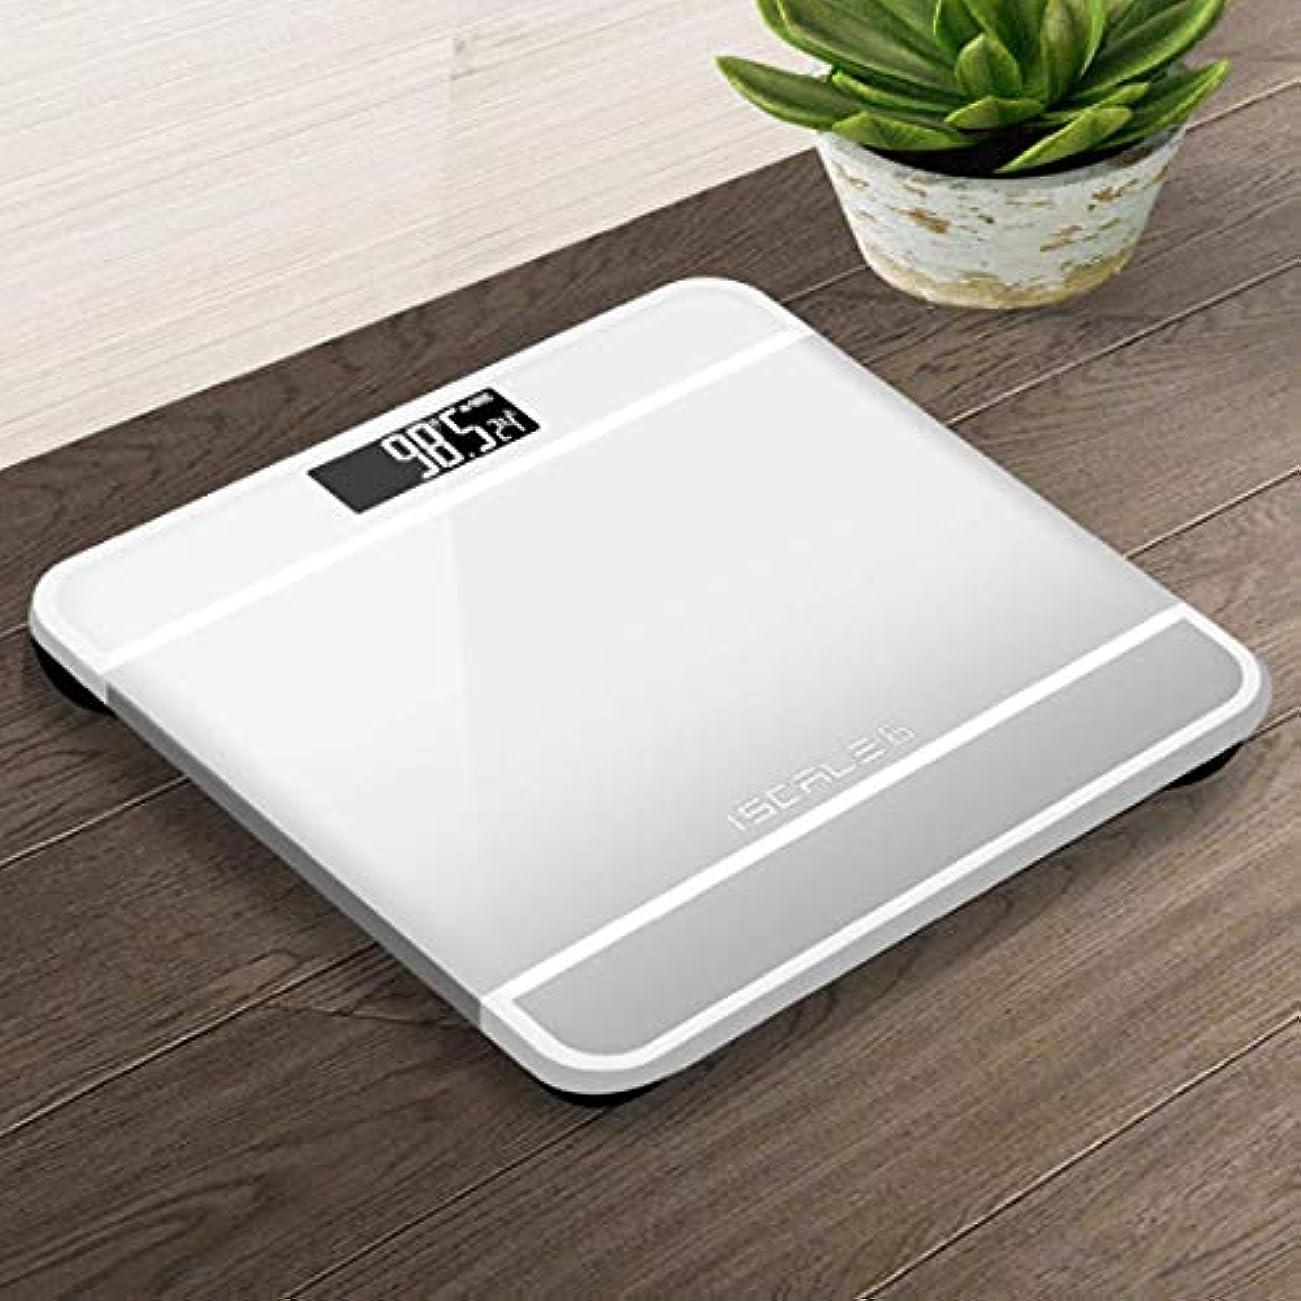 ページェントベーカリーリスキーなヘルスメーター (シルバー) 体重計 毎日の 健康管理 weight scale